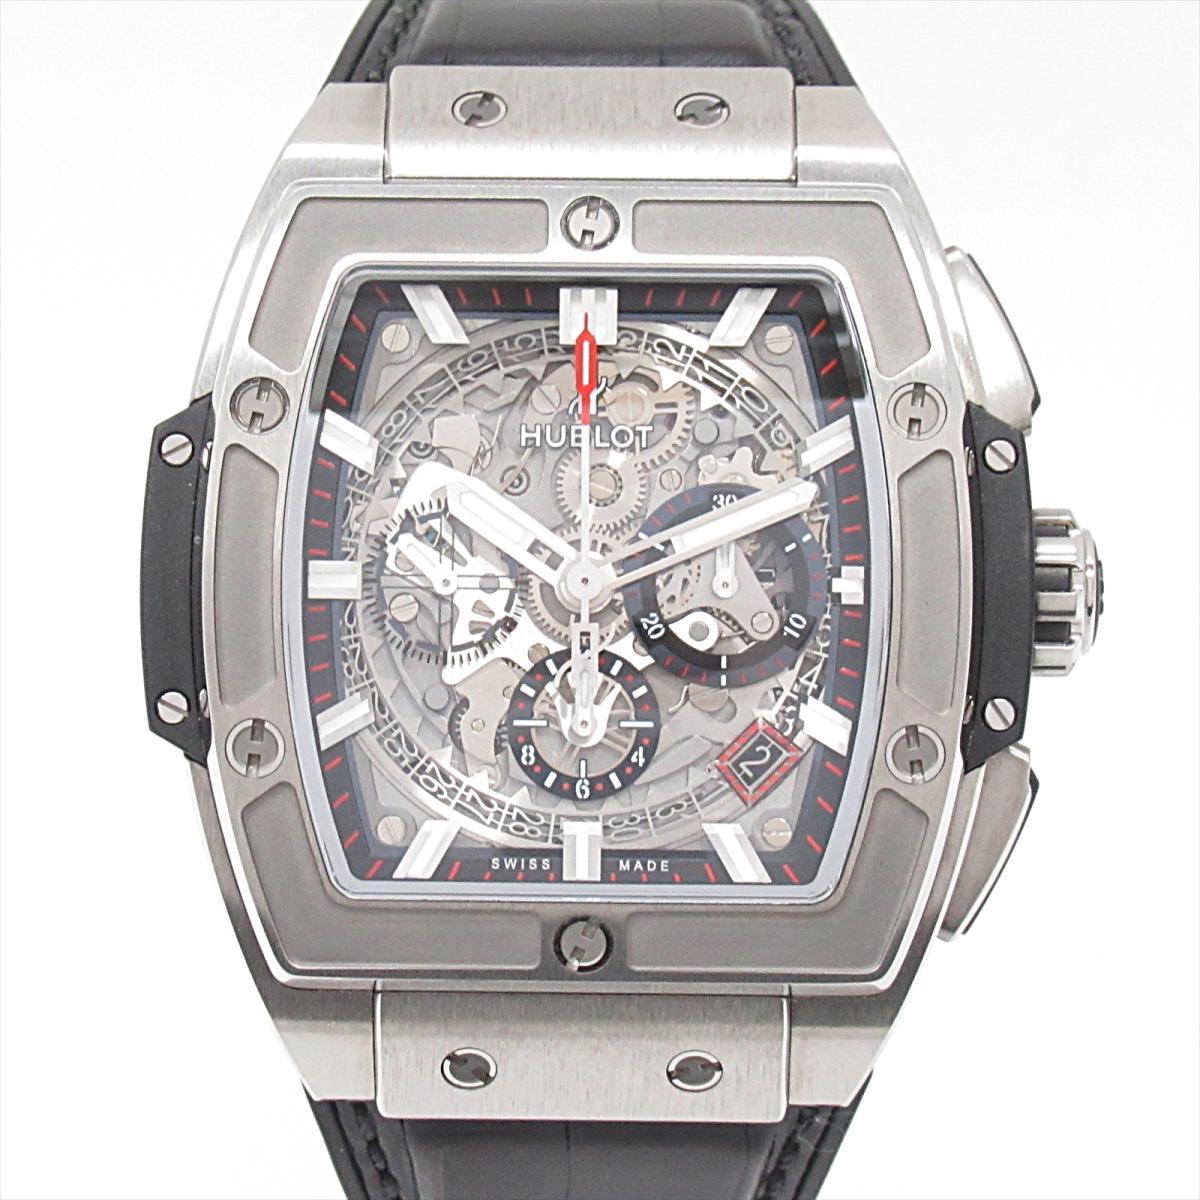 【中古】 ウブロ スピリット・オブ・ビッグバン 腕時計 ウォッチ メンズ チタン ラバーベルト (641.N .0173.LR) | HUBLOT BRANDOFF ブランドオフ ブランド ブランド時計 ブランド腕時計 時計